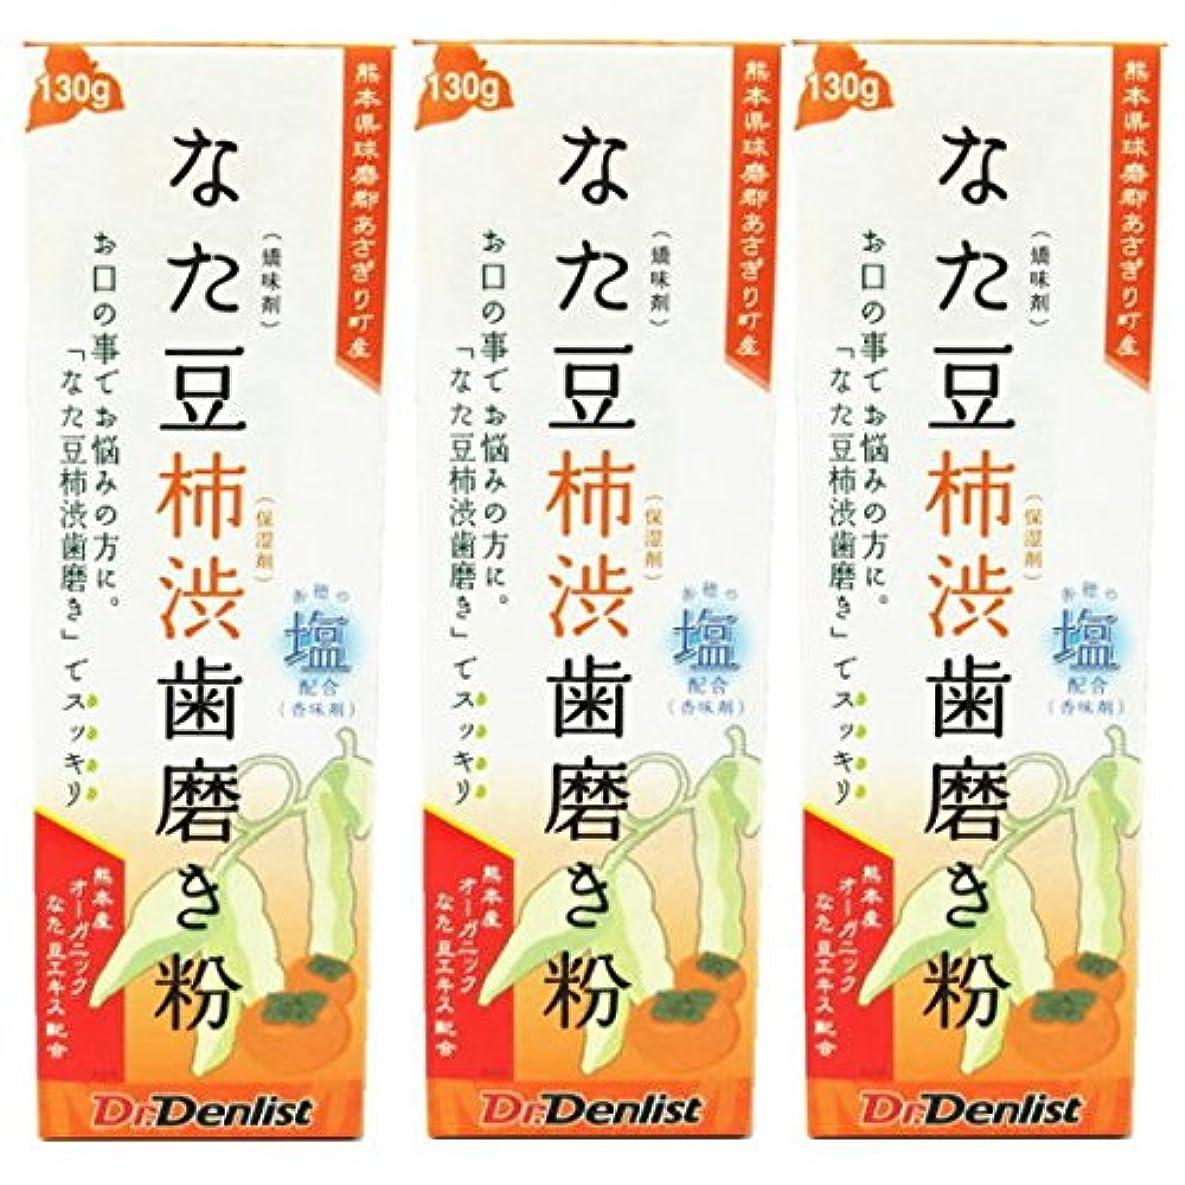 近々無視するやりがいのあるなた豆柿渋歯磨き 130g 3個セット 国産 有機なた豆使用 赤穂の塩配合(香味剤)